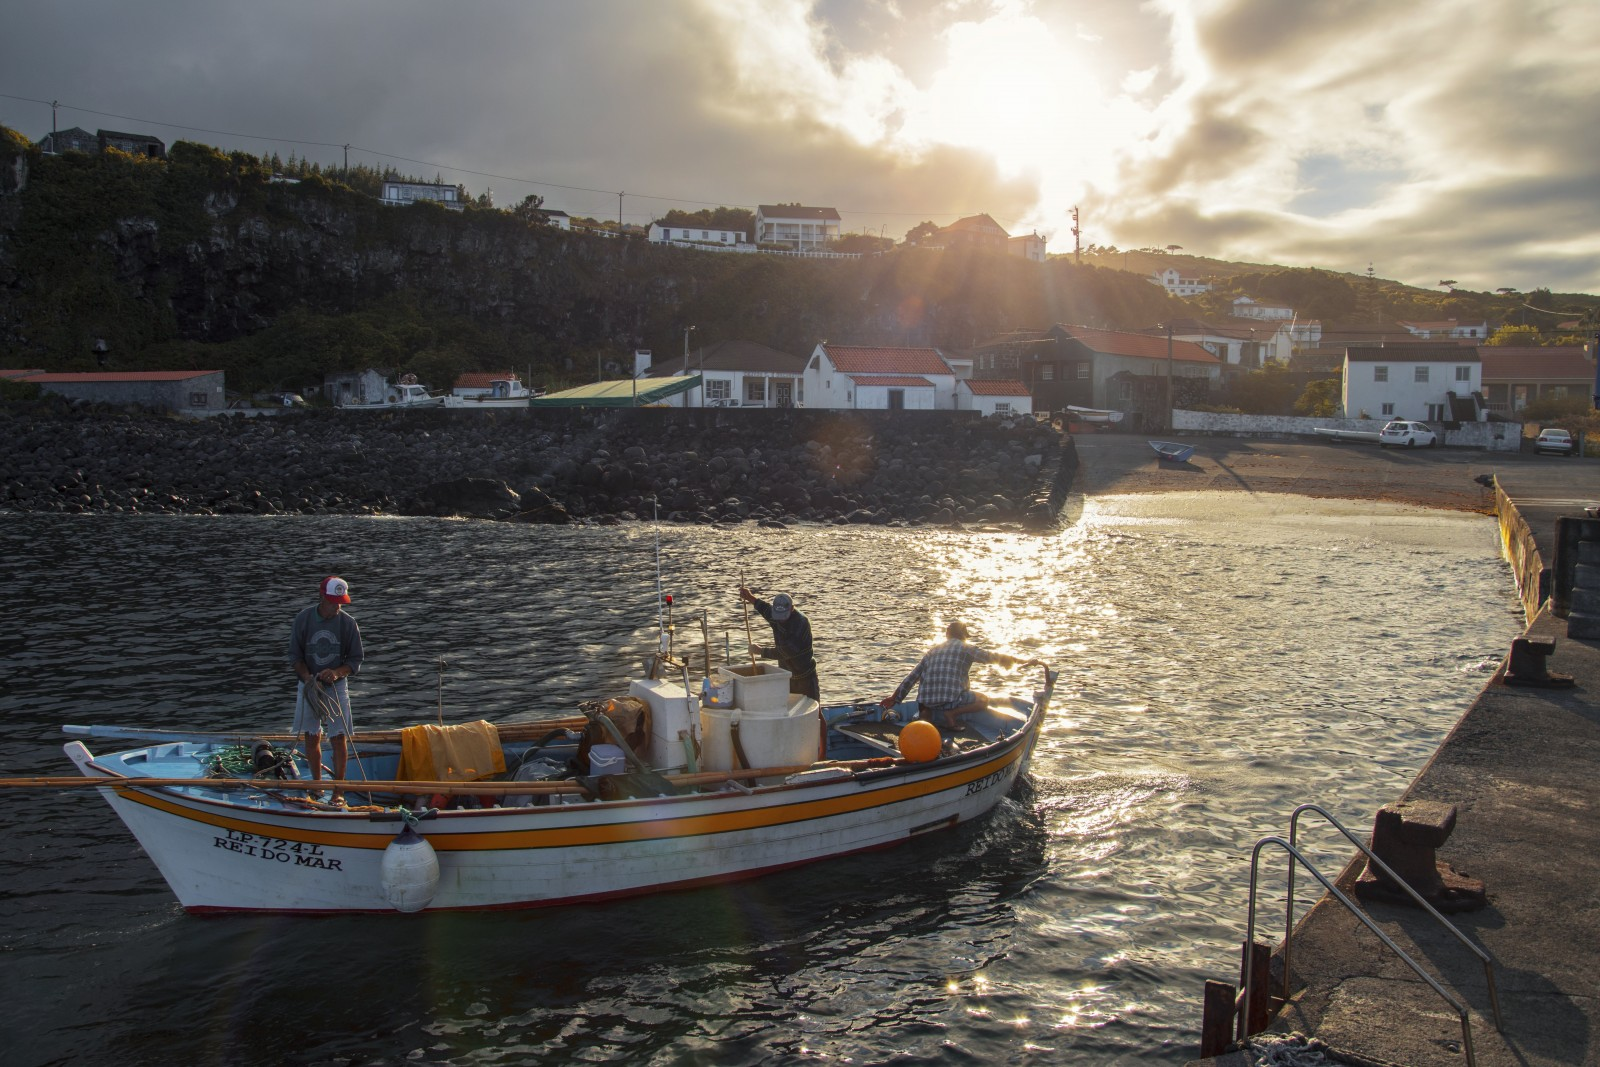 Horta-the Azores